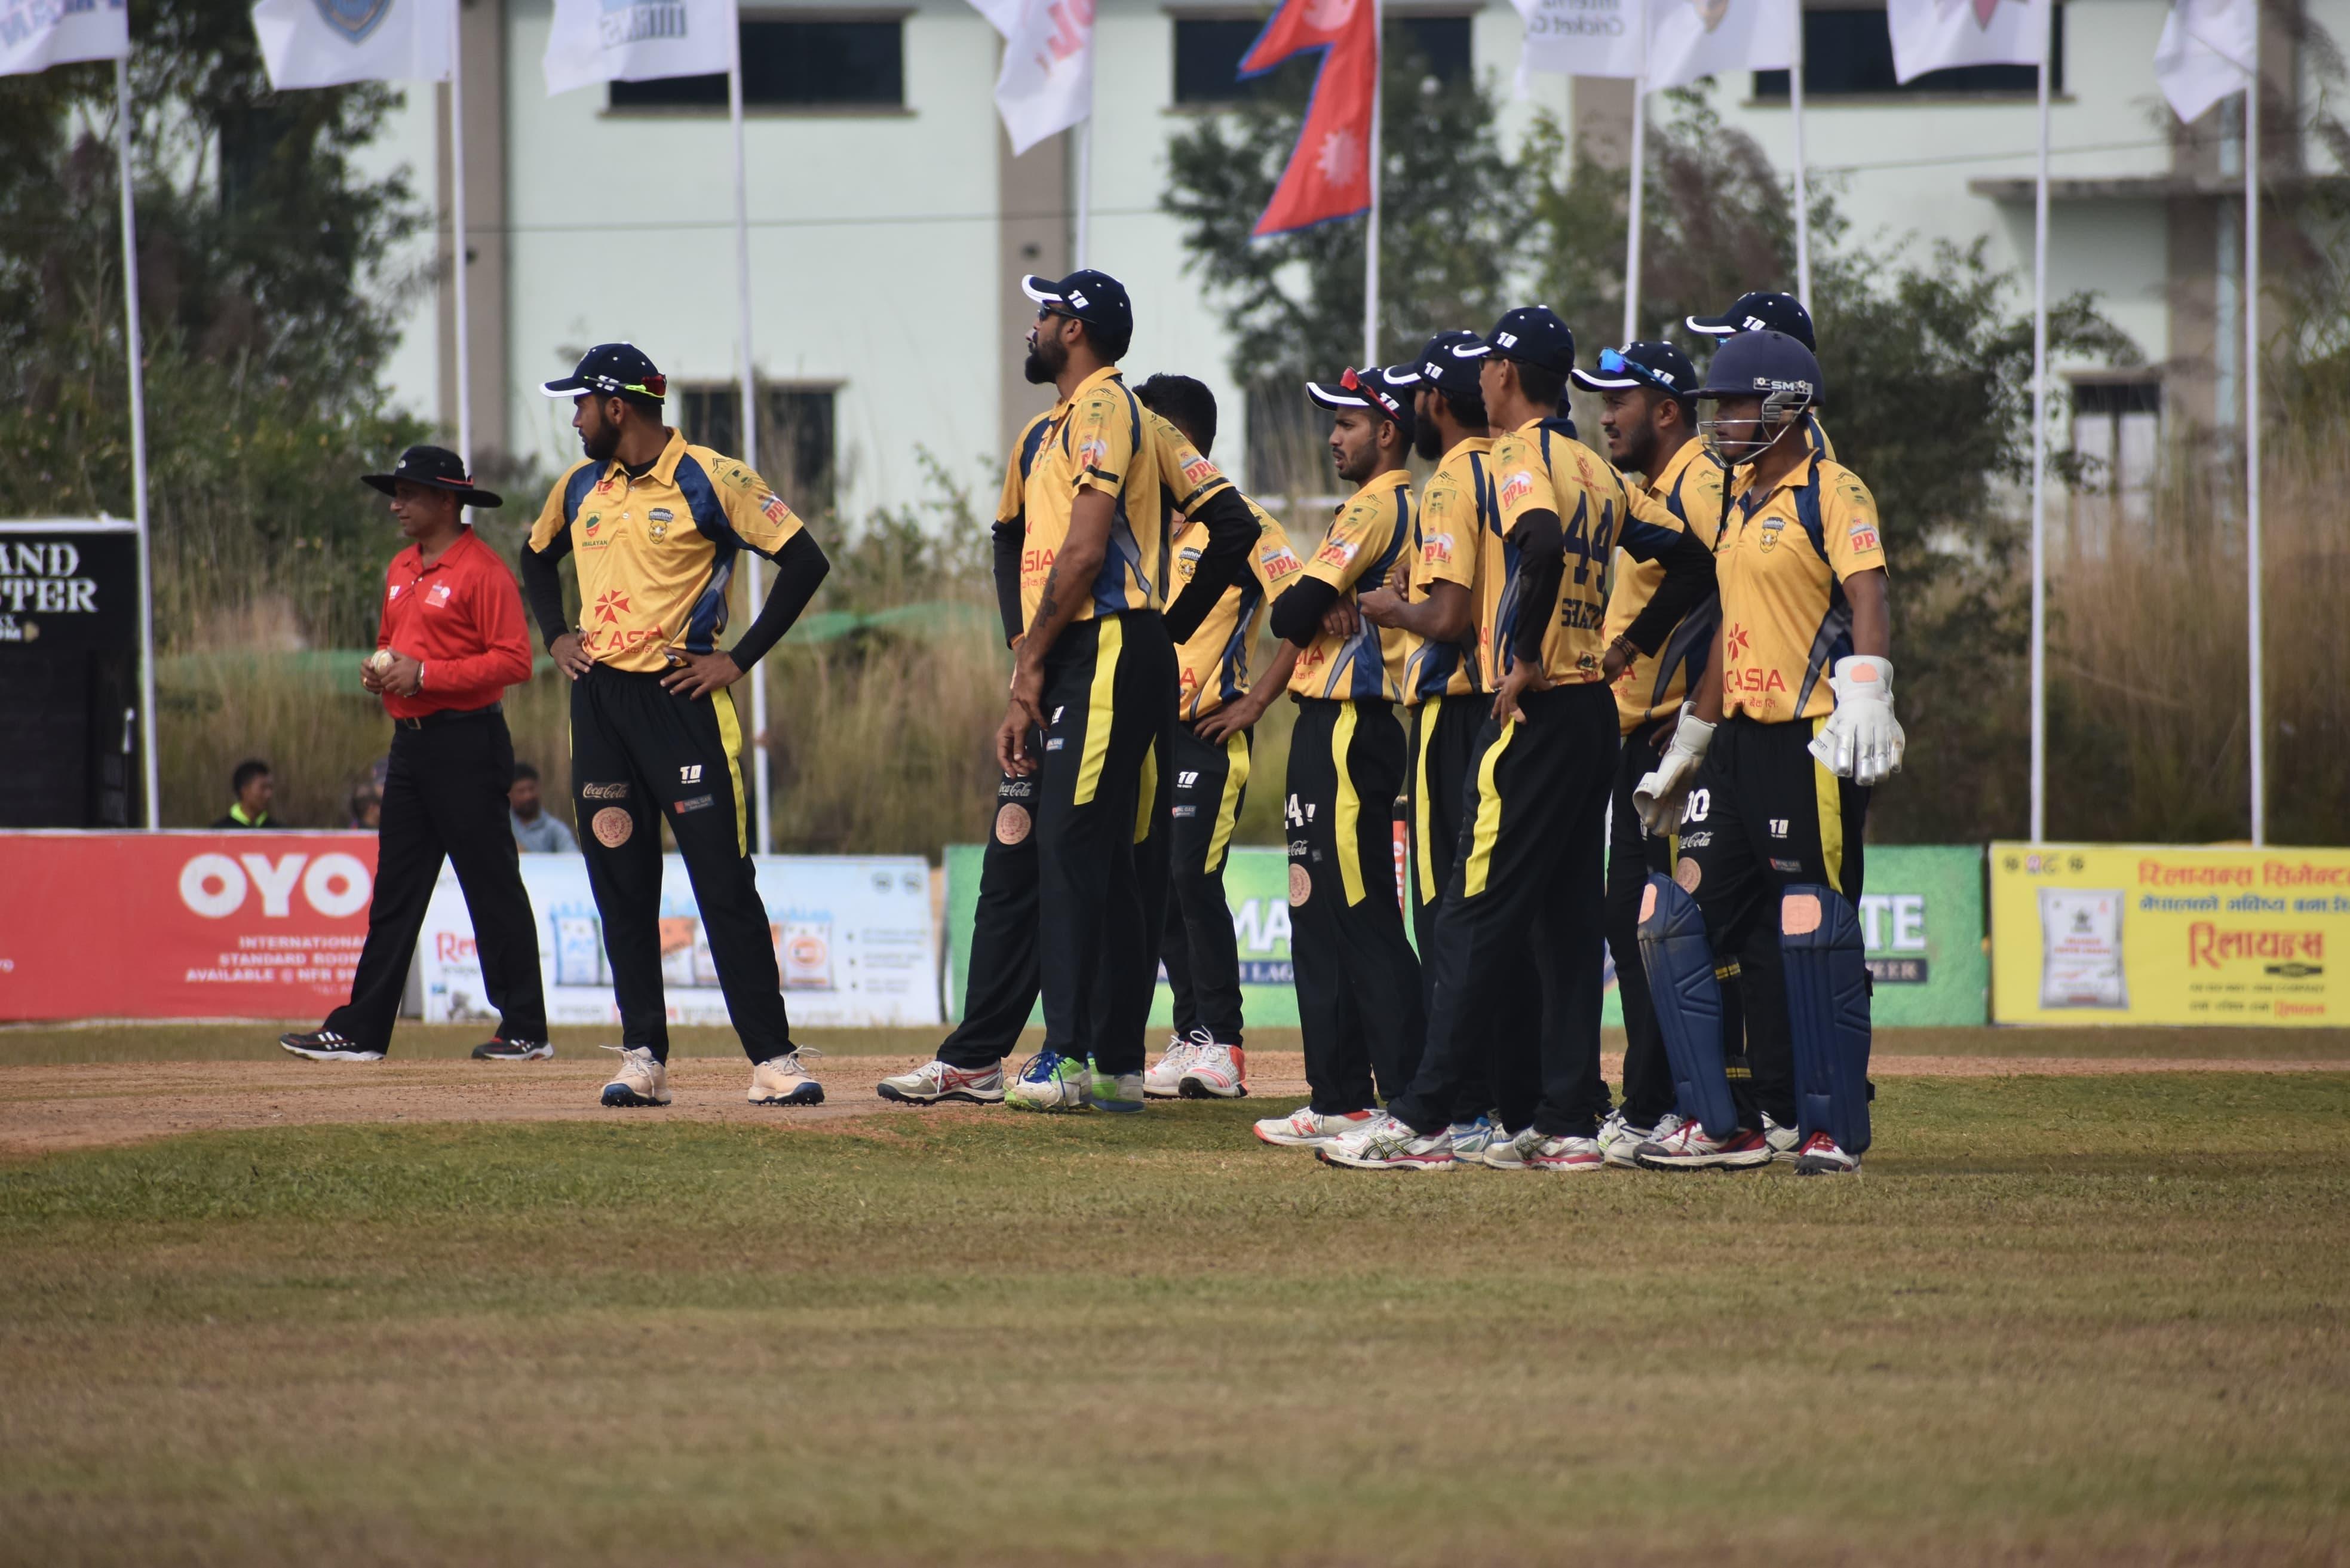 पीपीएल : घरेलु टोली पोखरा फाइनलमा, चितवन र काठमाडौँ एलिमिनेटरमा भिड्ने